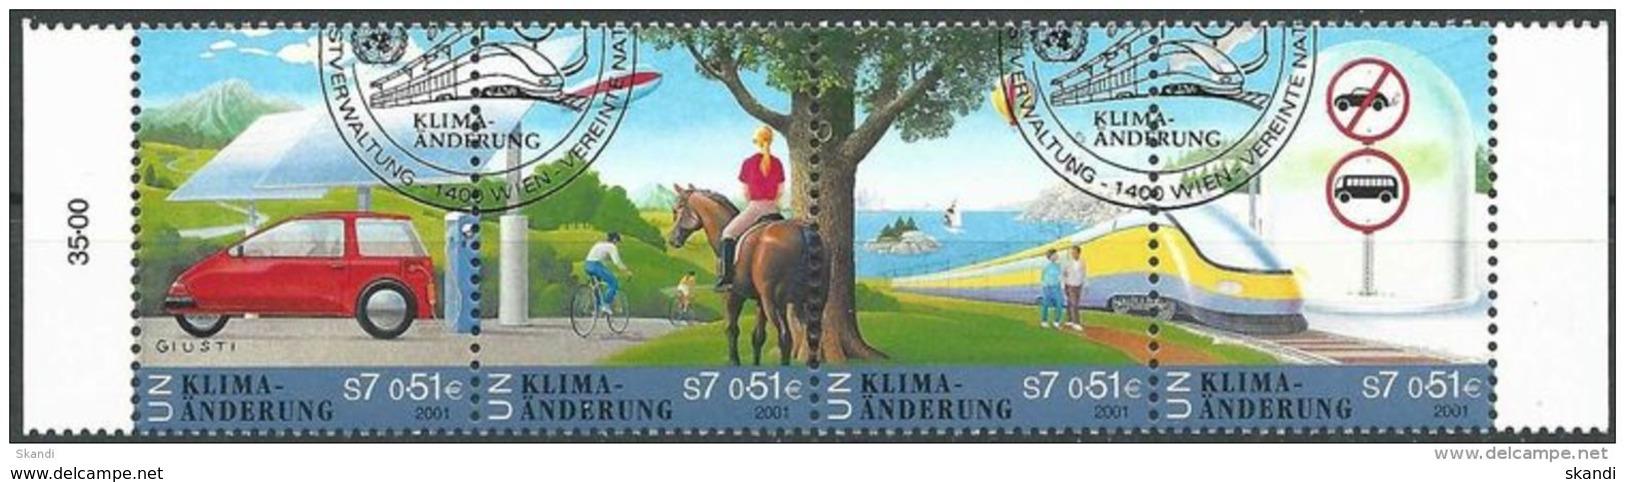 UNO WIEN 2001 Mi-Nr. 346/49 O Used - Aus Abo - Wien - Internationales Zentrum